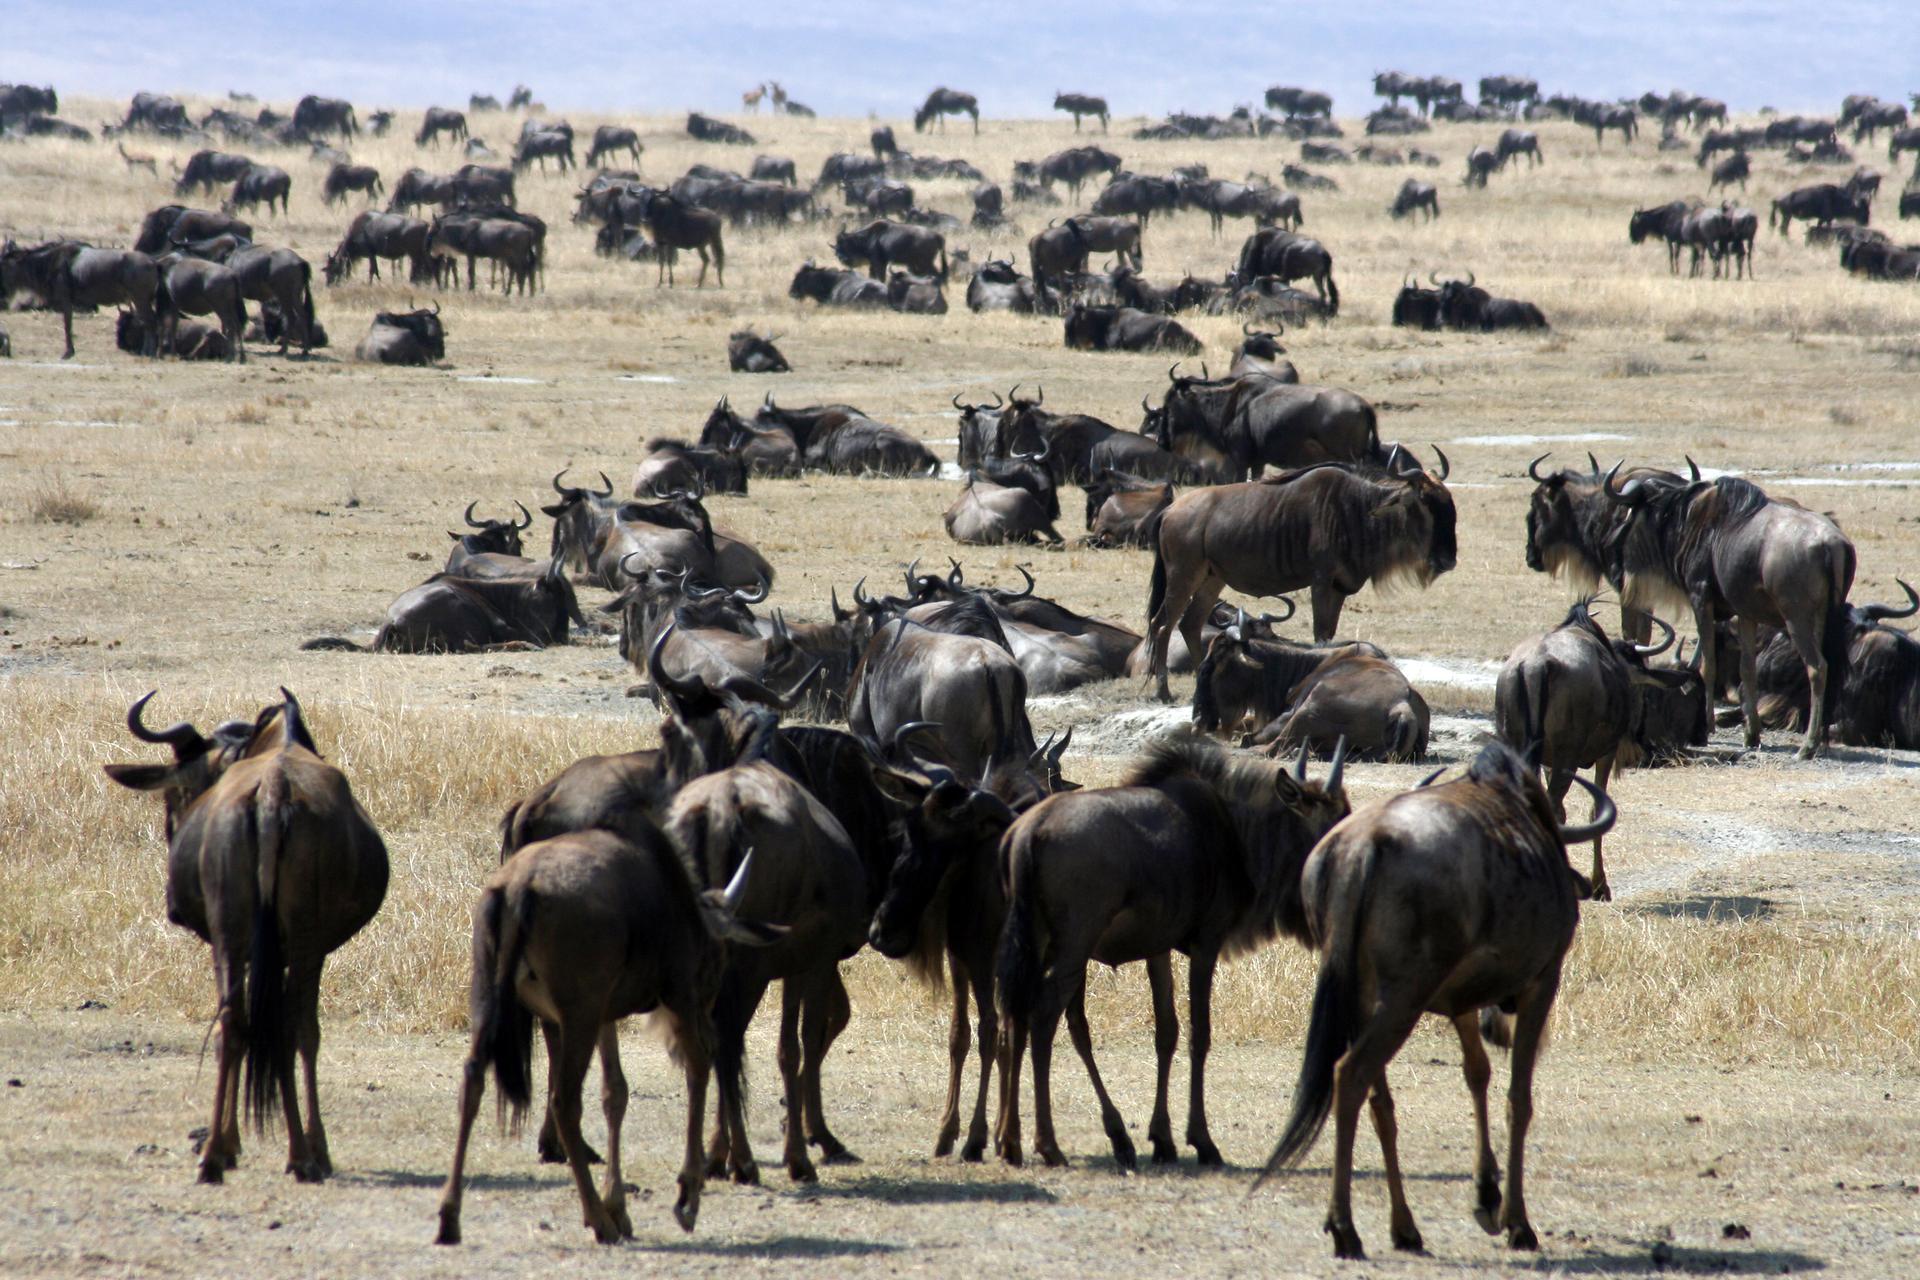 Fotografia przedstawia stada zwierząt kopytnych. Są one liczne, duże, ciemno ubarwione imają zakrzywione do góry rogi. Jedne znich stoją, inne leżą na suchym, trawiastym terenie.